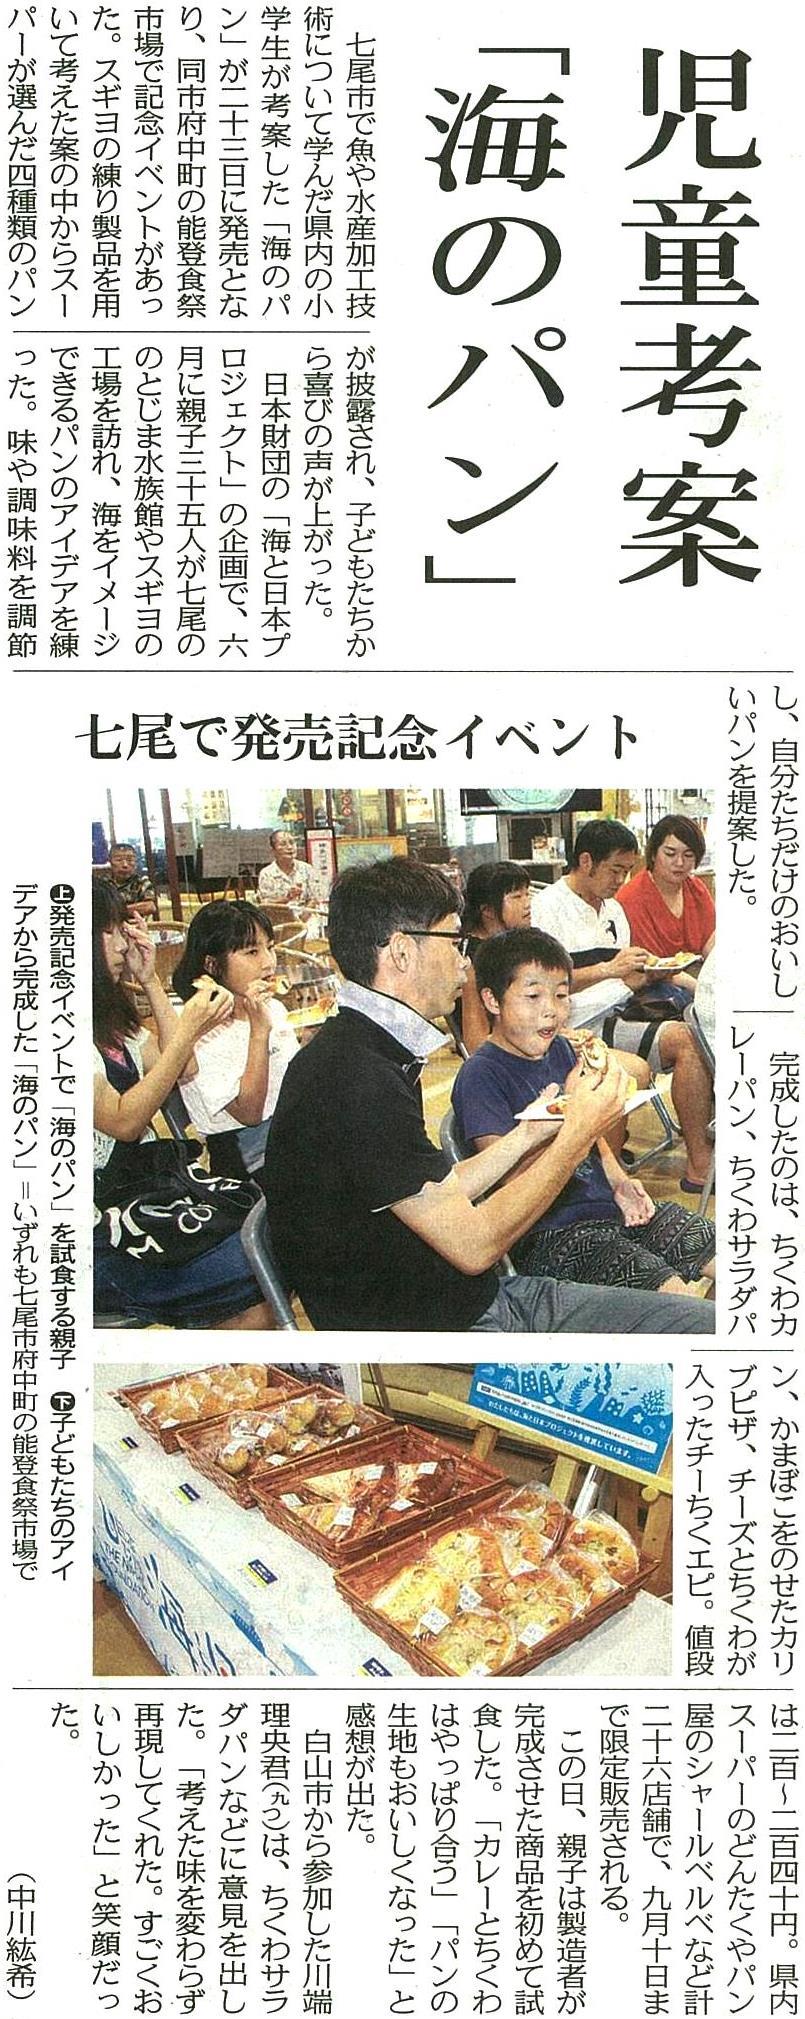 824 北中能登麺(20P)海のパン発売